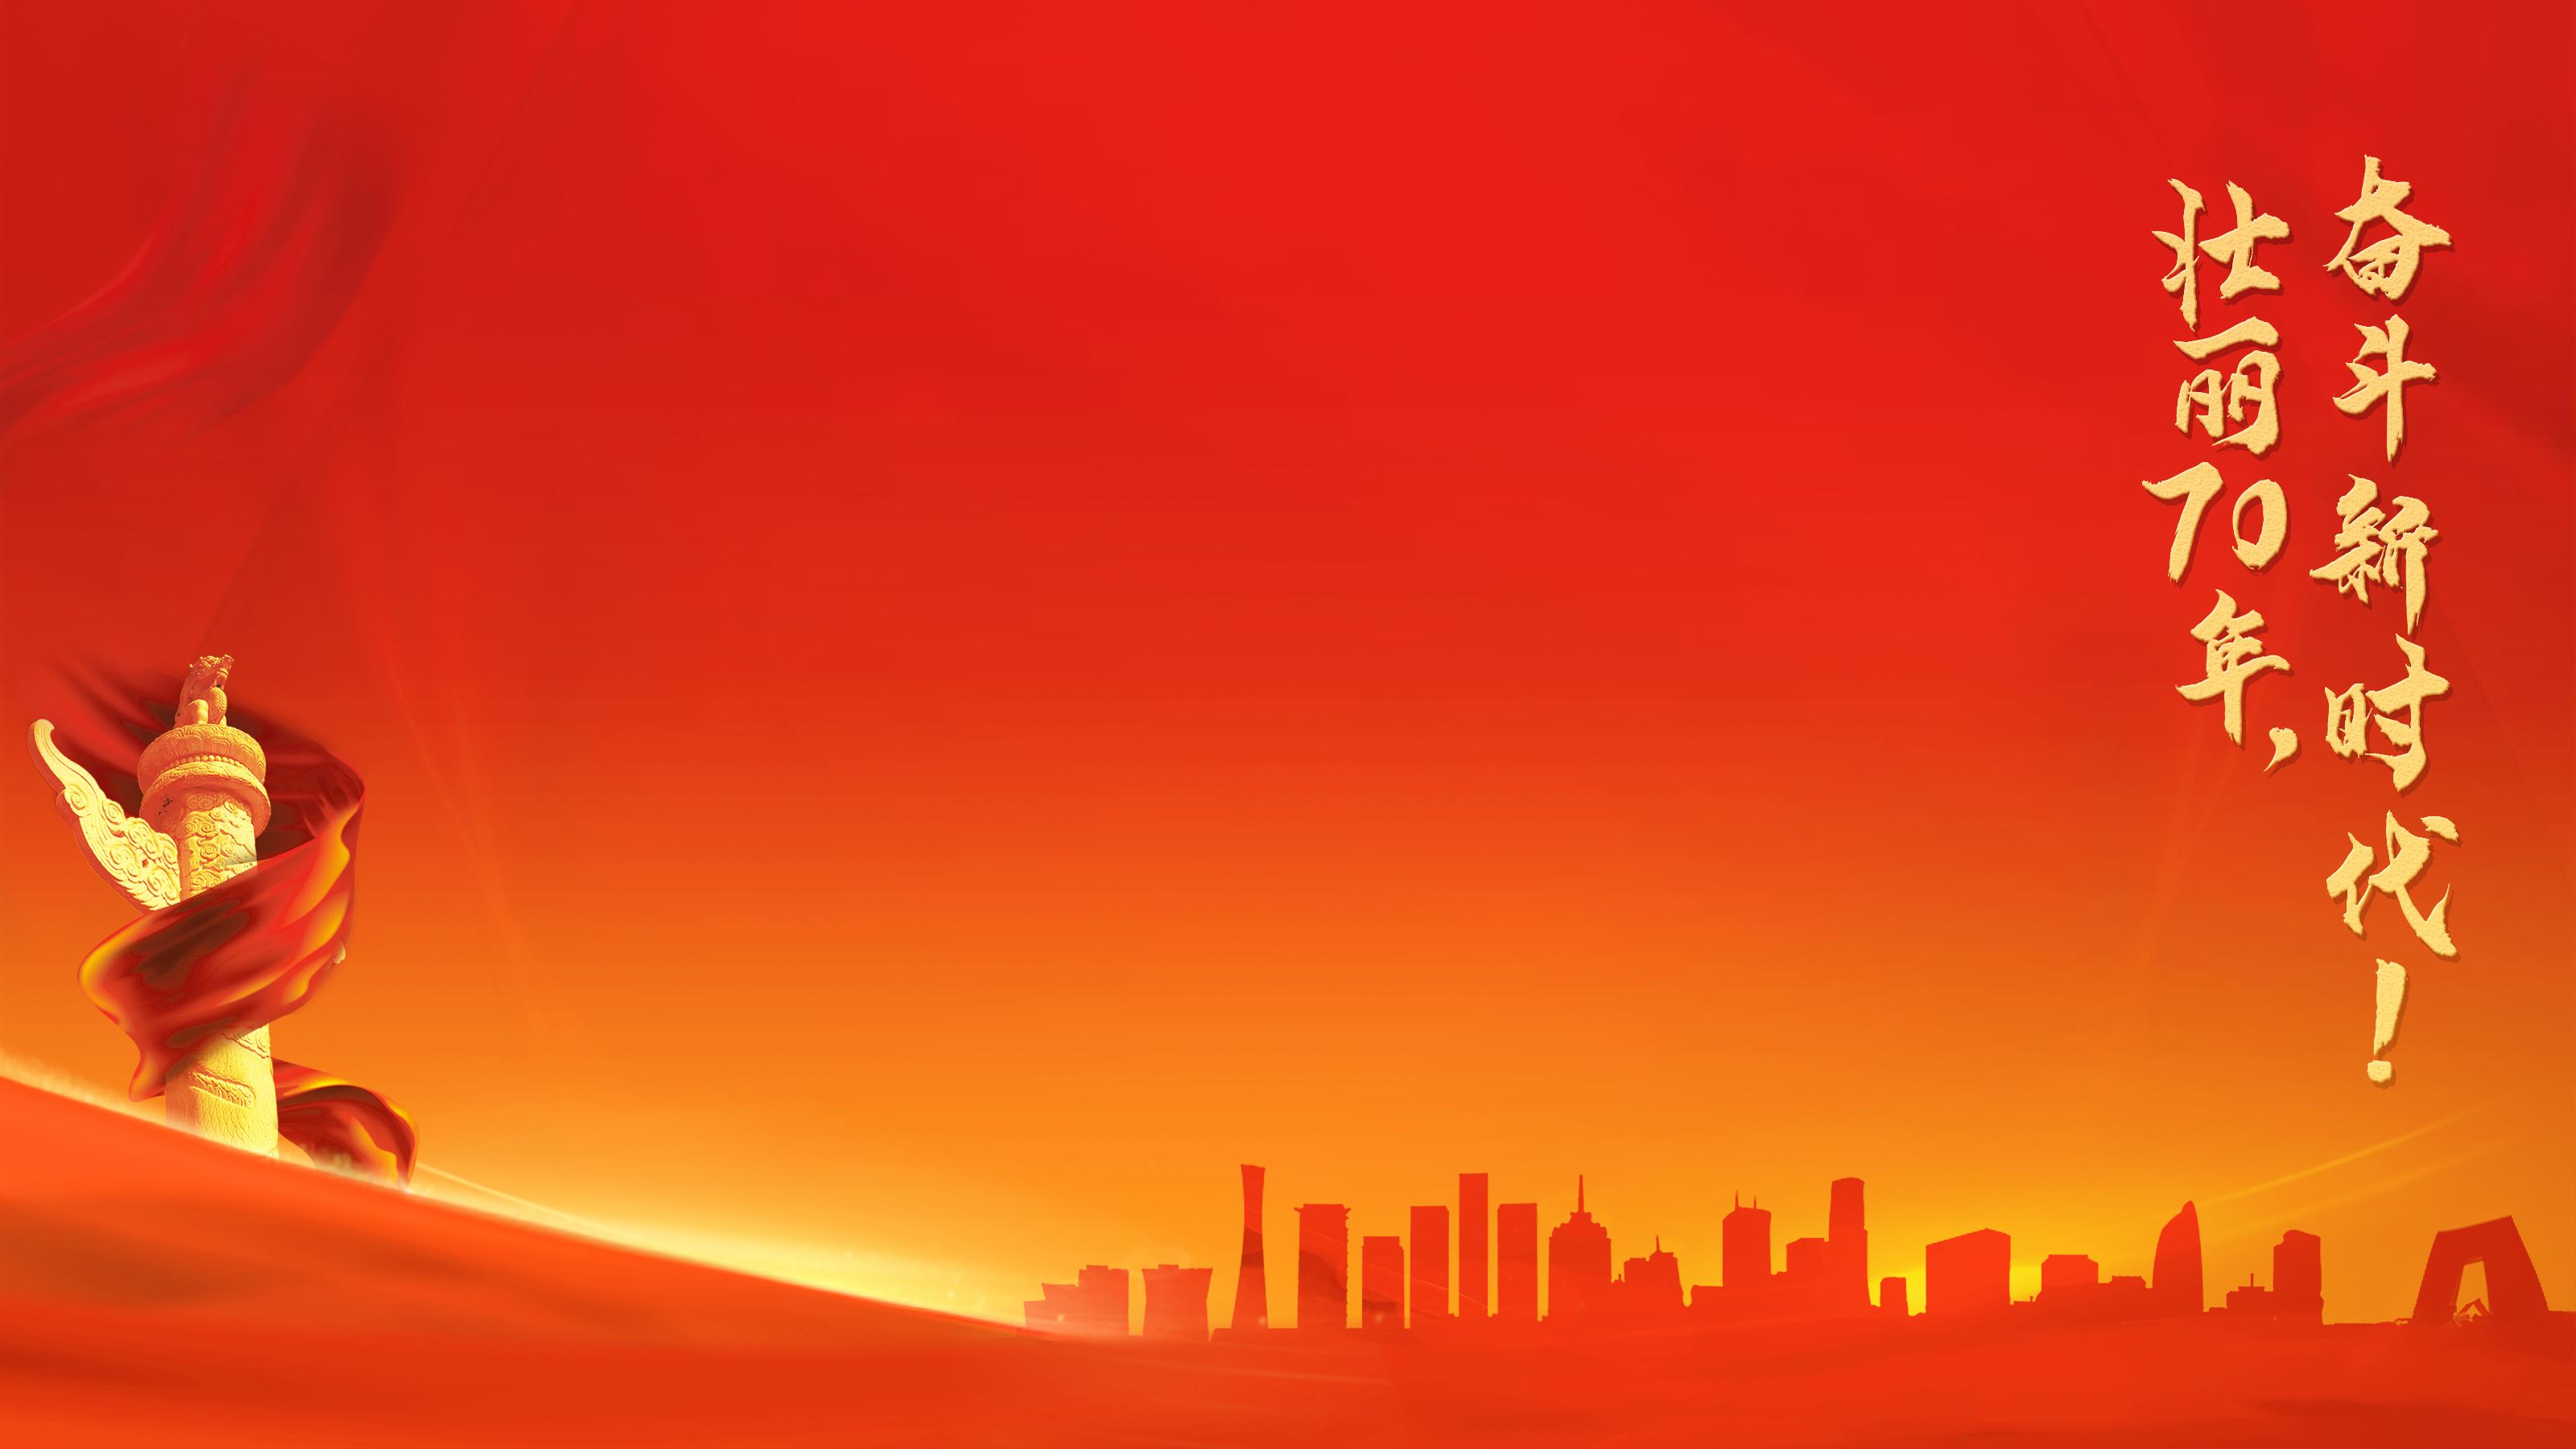 热烈庆祝中华人民共和国成立70周年!-ShyTime